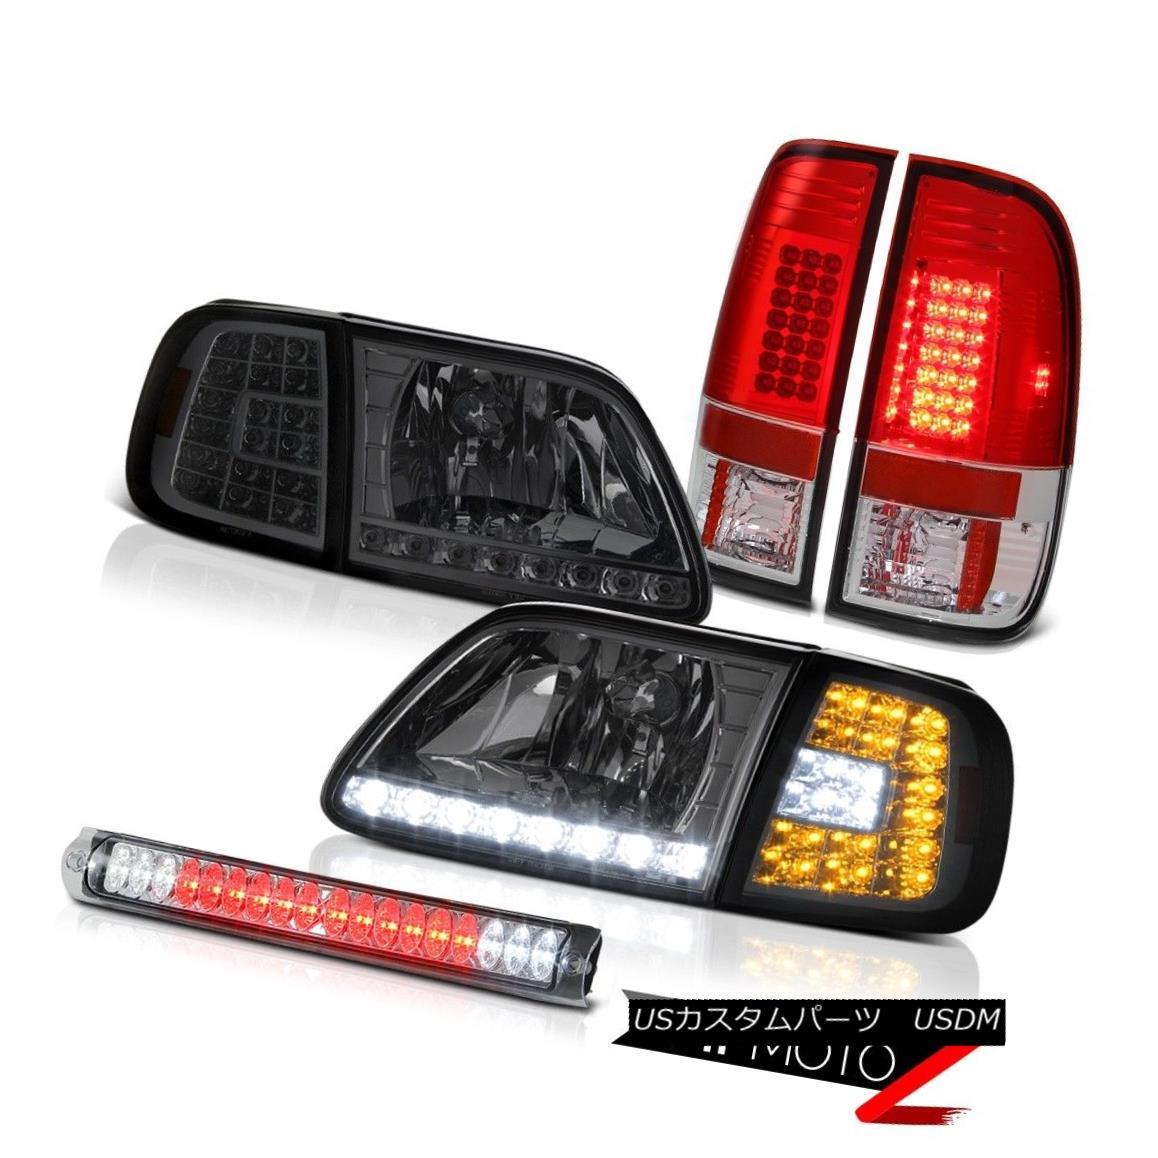 ヘッドライト L.E.D Headlights Red TailLights Euro Third Brake 97 98 99 00 01 02 03 F150 4.6L L.E.Dヘッドライト赤テールライトユーロ第3ブレーキ97 98 99 00 01 02 03 F150 4.6L